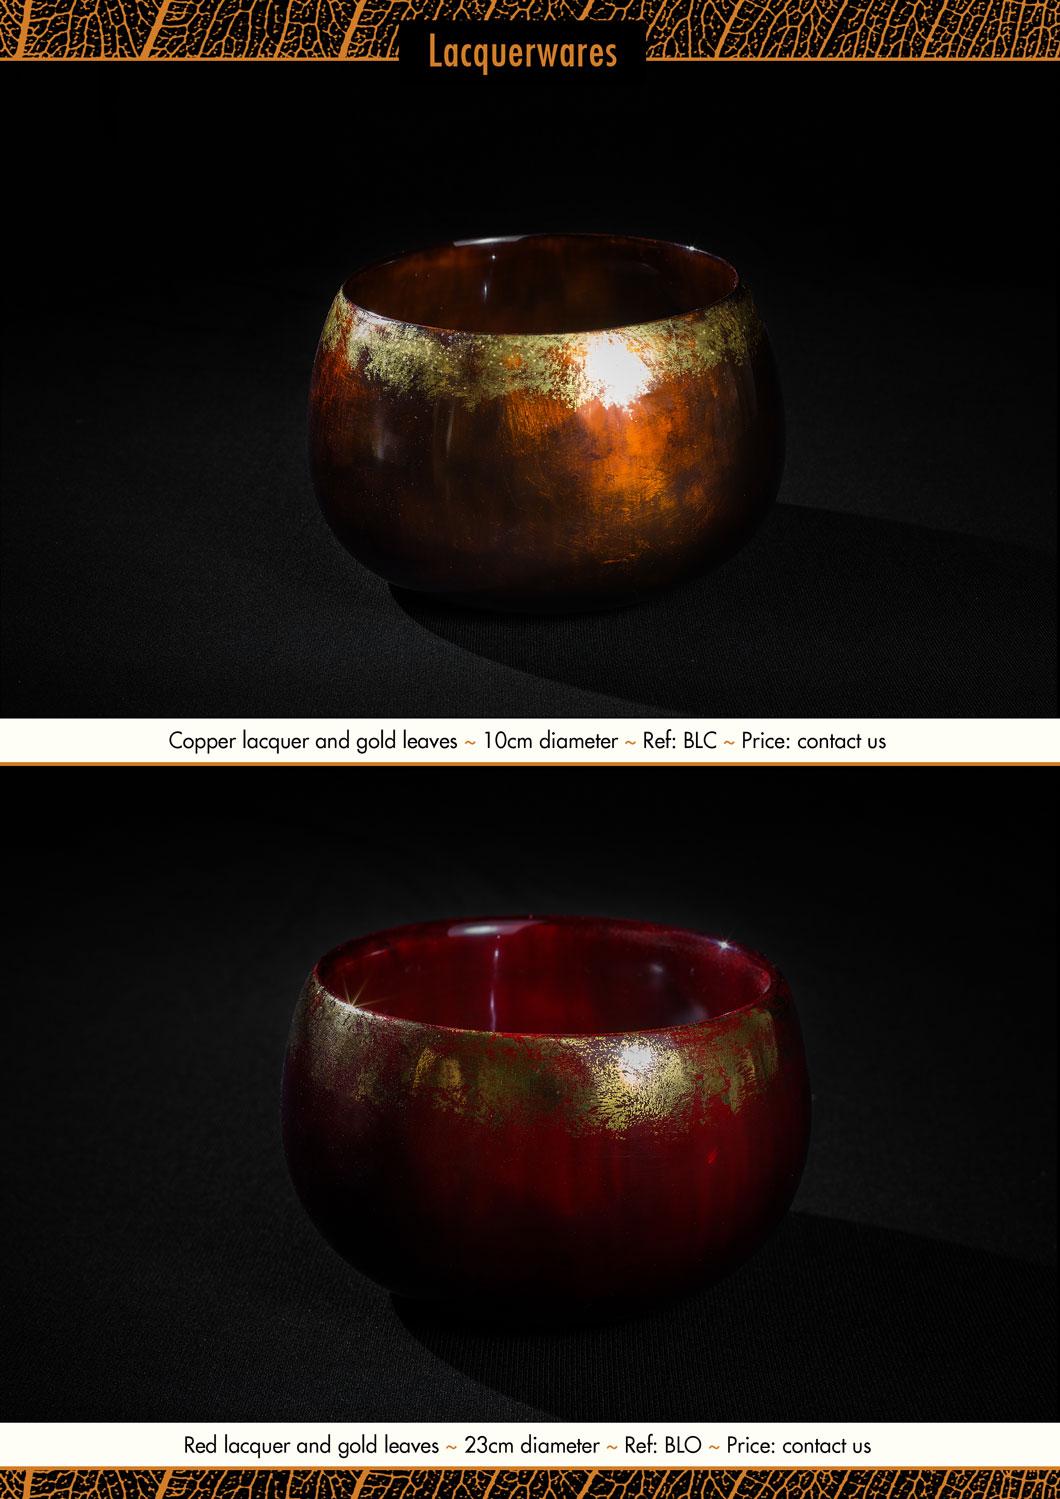 Lacquerwares-p2.jpg